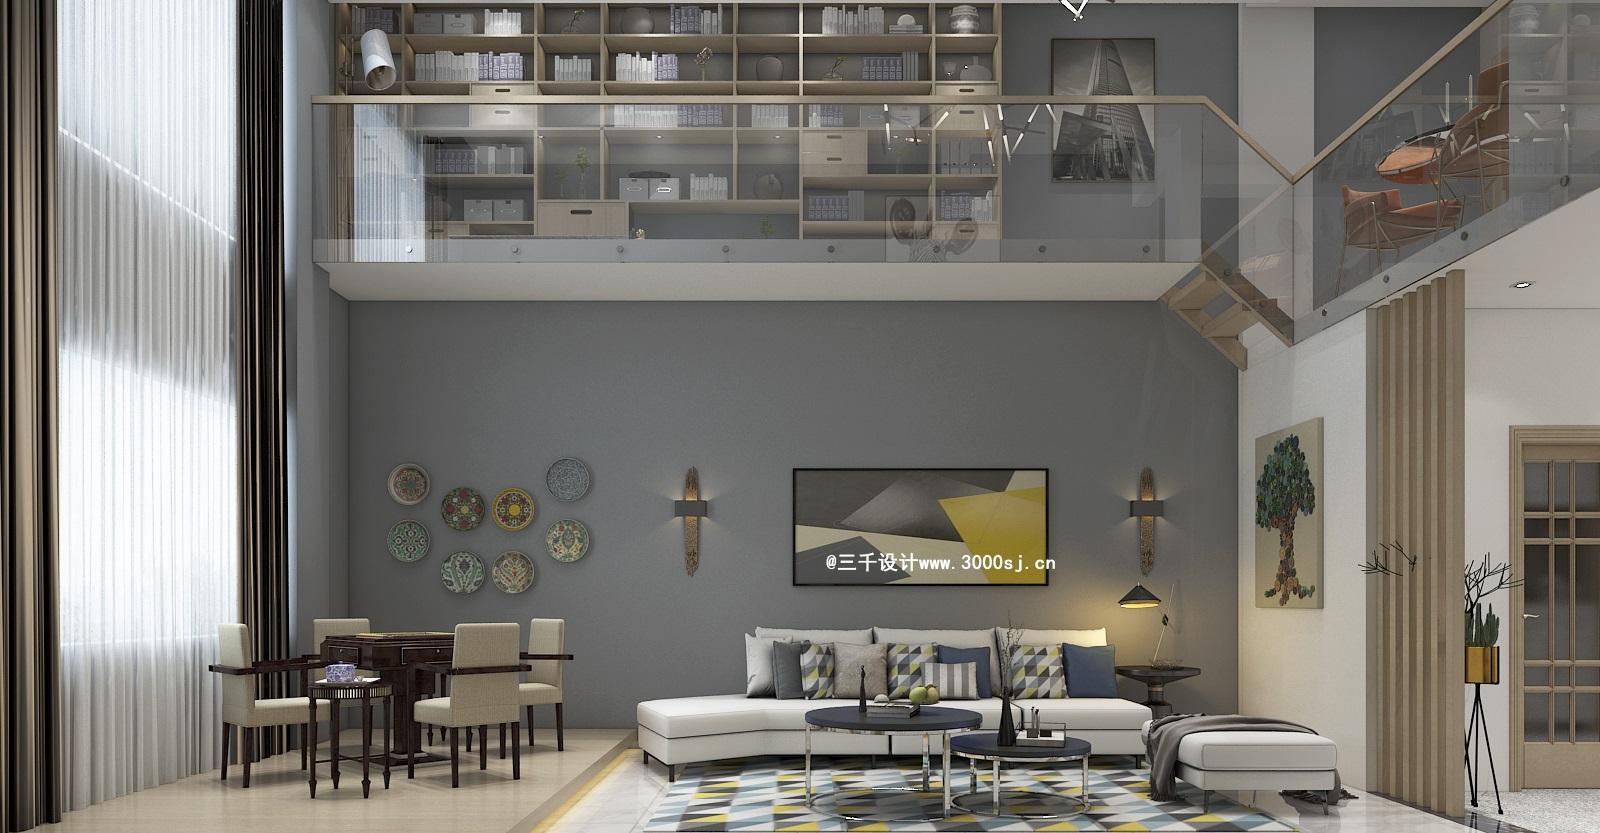 鄱阳装修设计-复式楼北欧风格